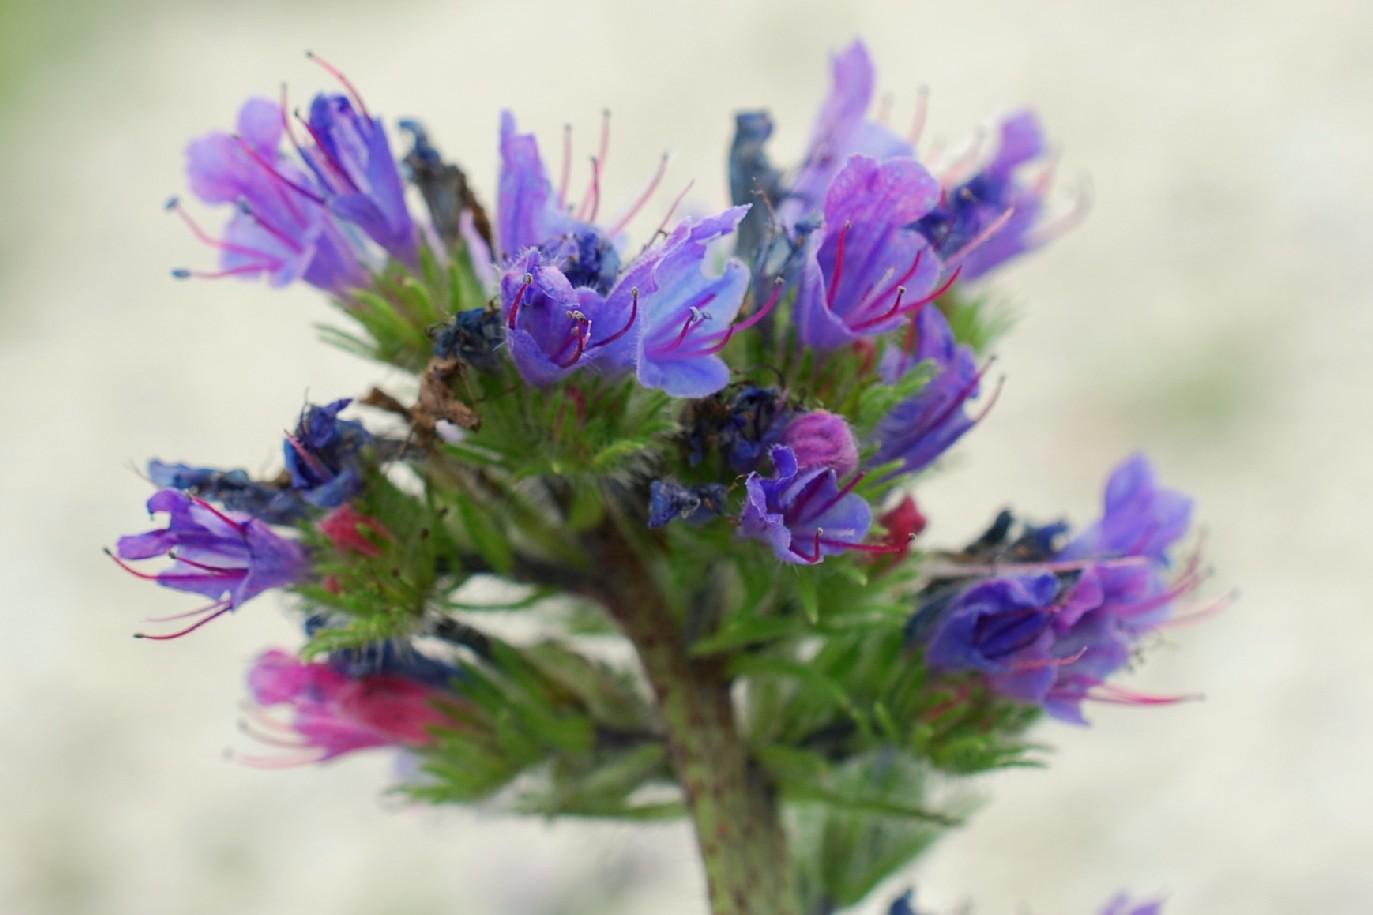 Echium vulgare subsp. vulgare 23